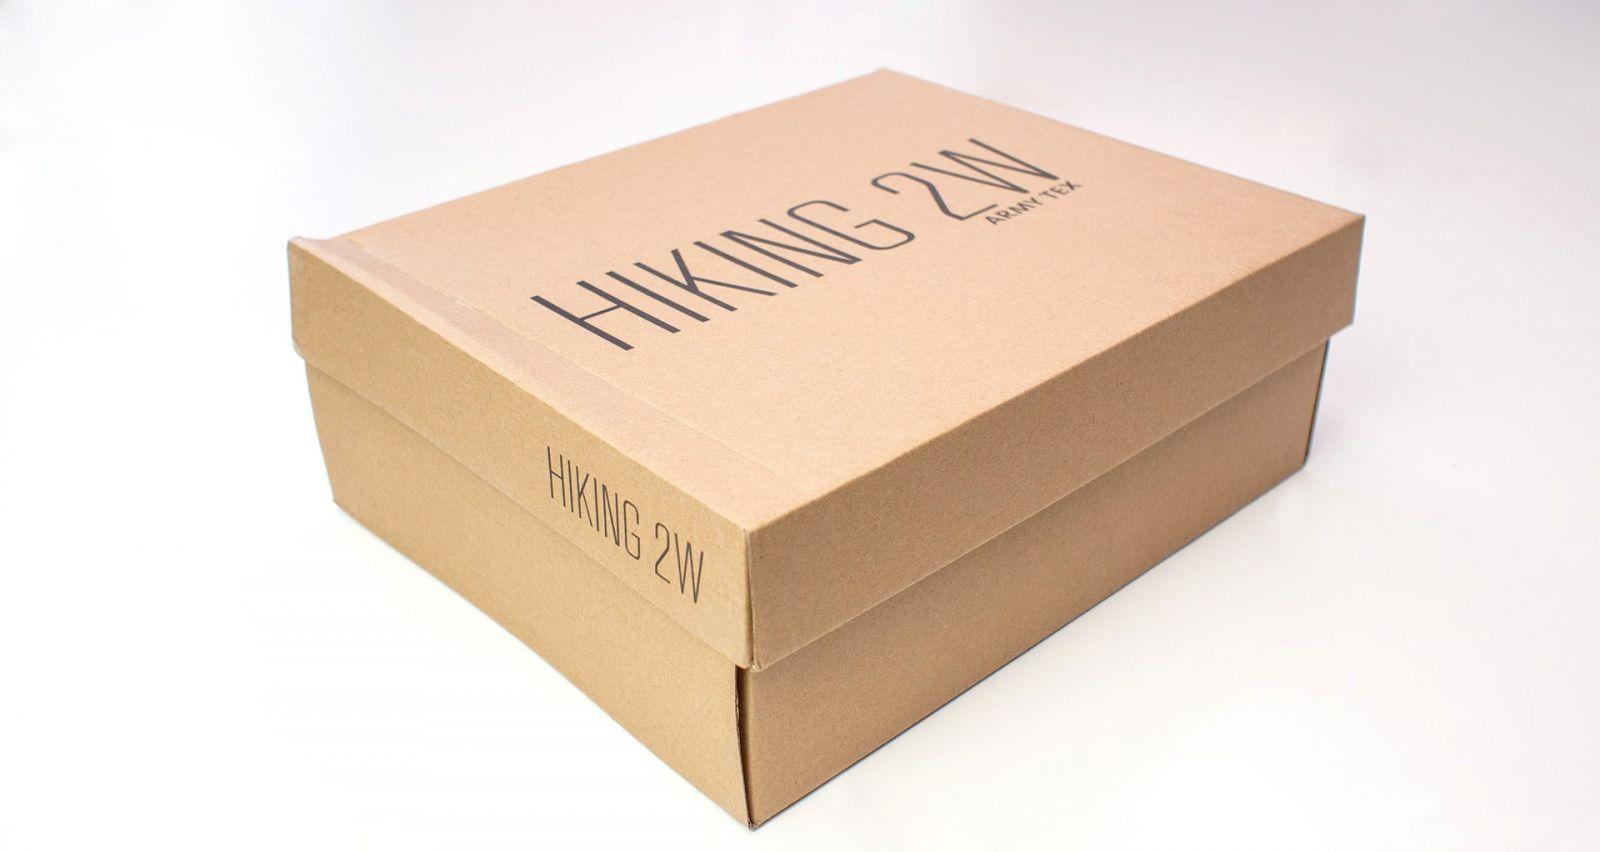 Xưởng trực tiếp in hộp giấy tại Hà Nội với giá rẻ và số lượng lớn